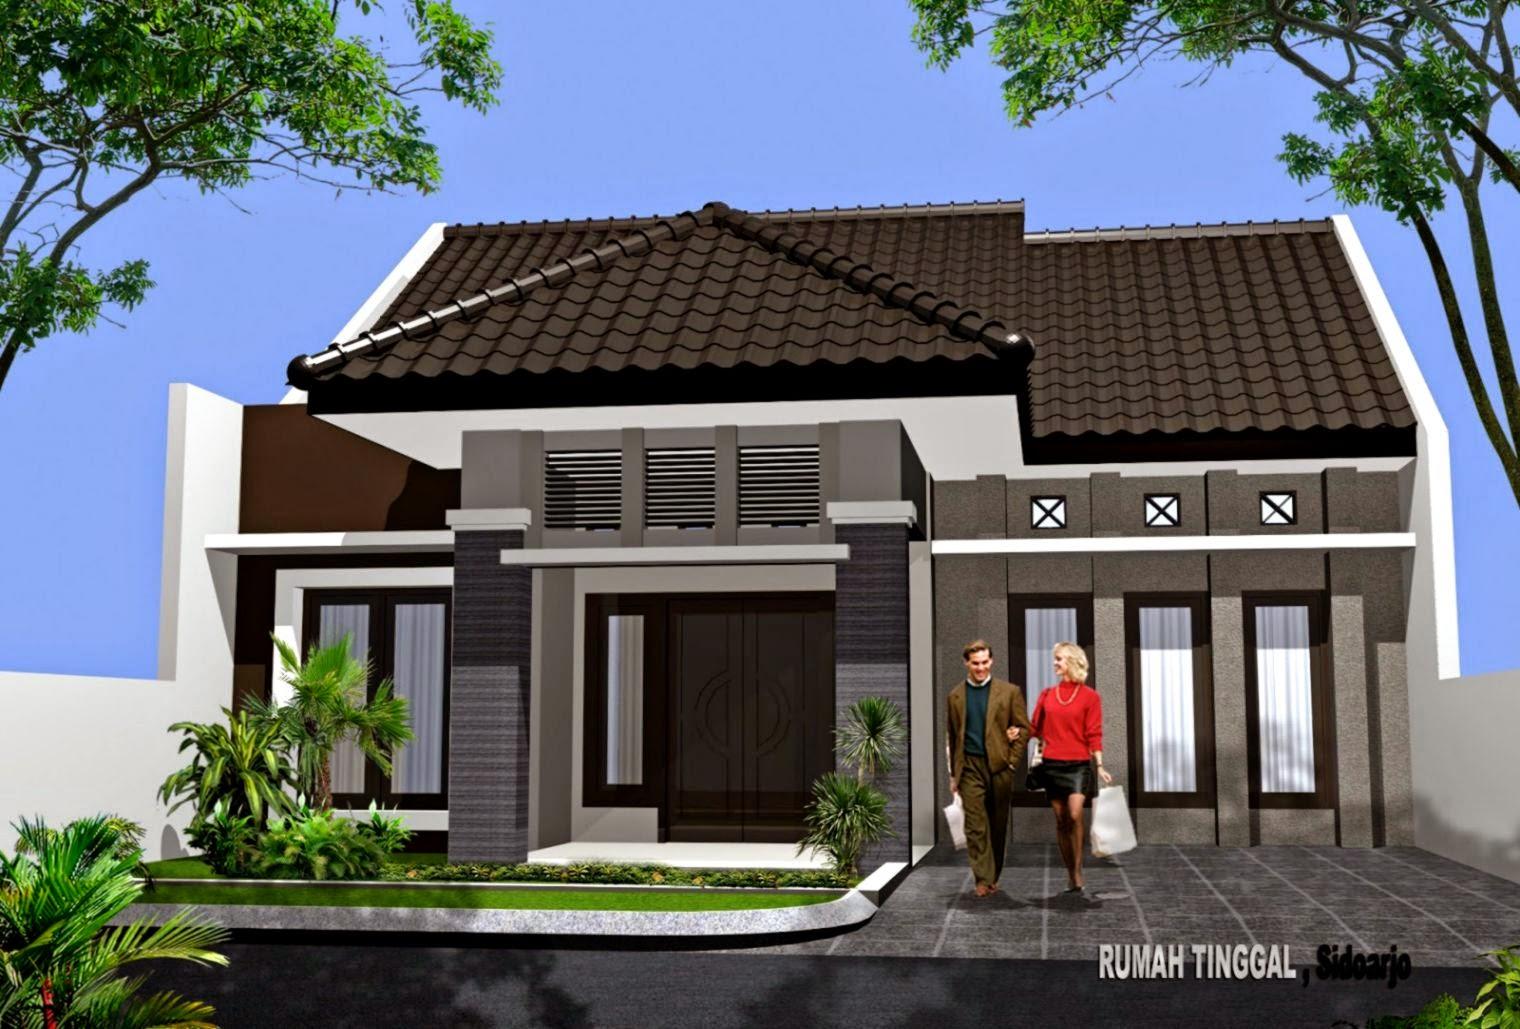 Gambar Rumah Minimalis 1 Lantai Full | Desain Rumah Minimalis